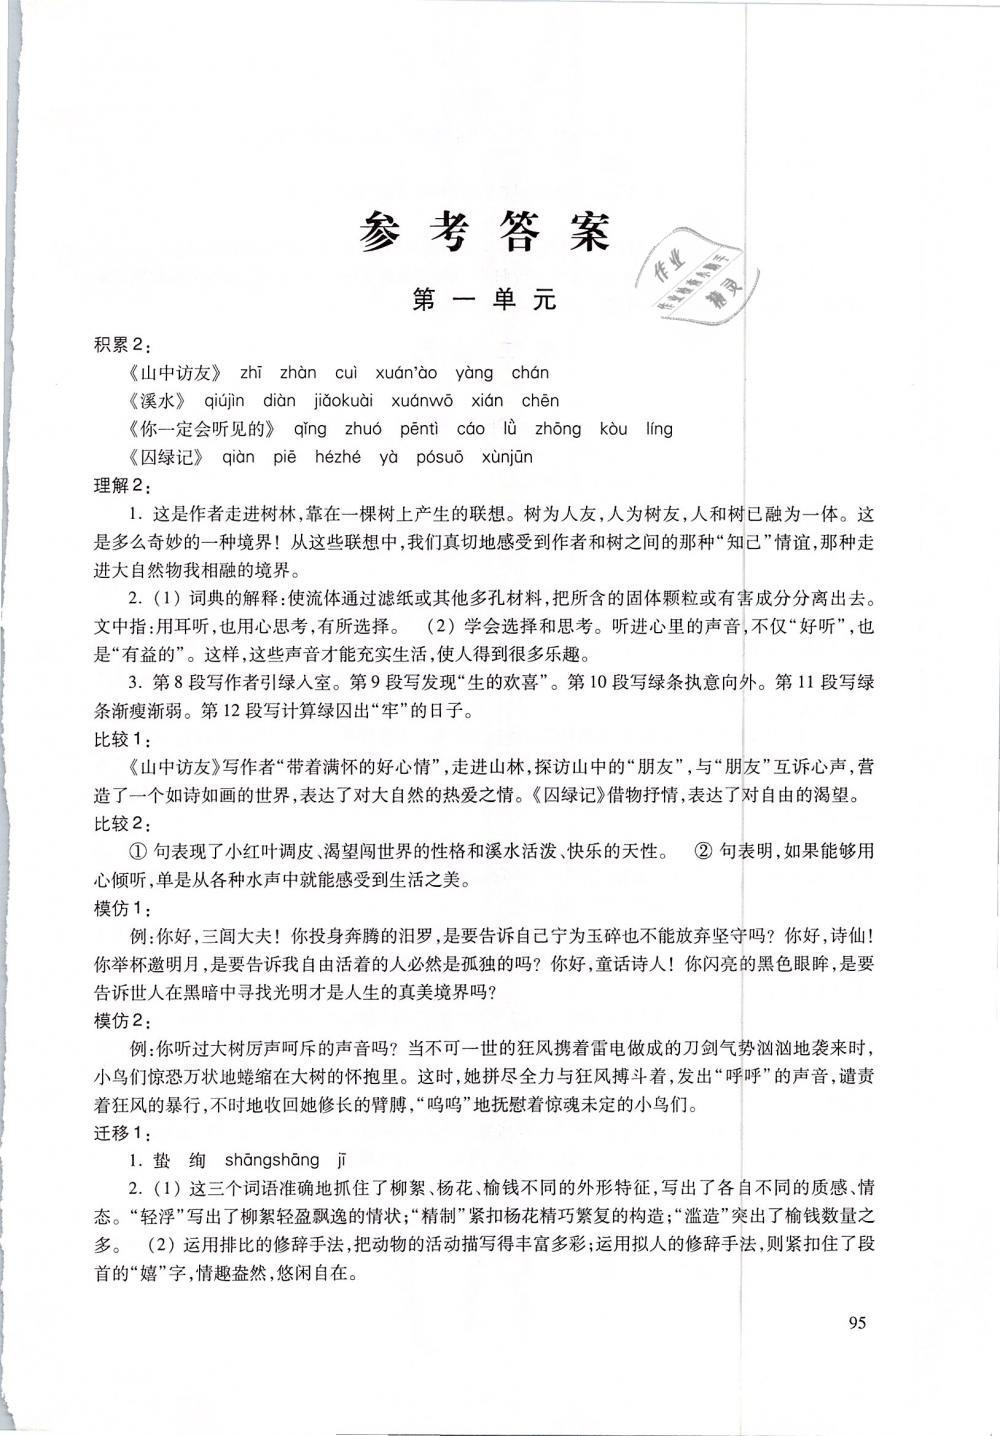 2019年语文练习部分七年级第二学期沪教版第1页